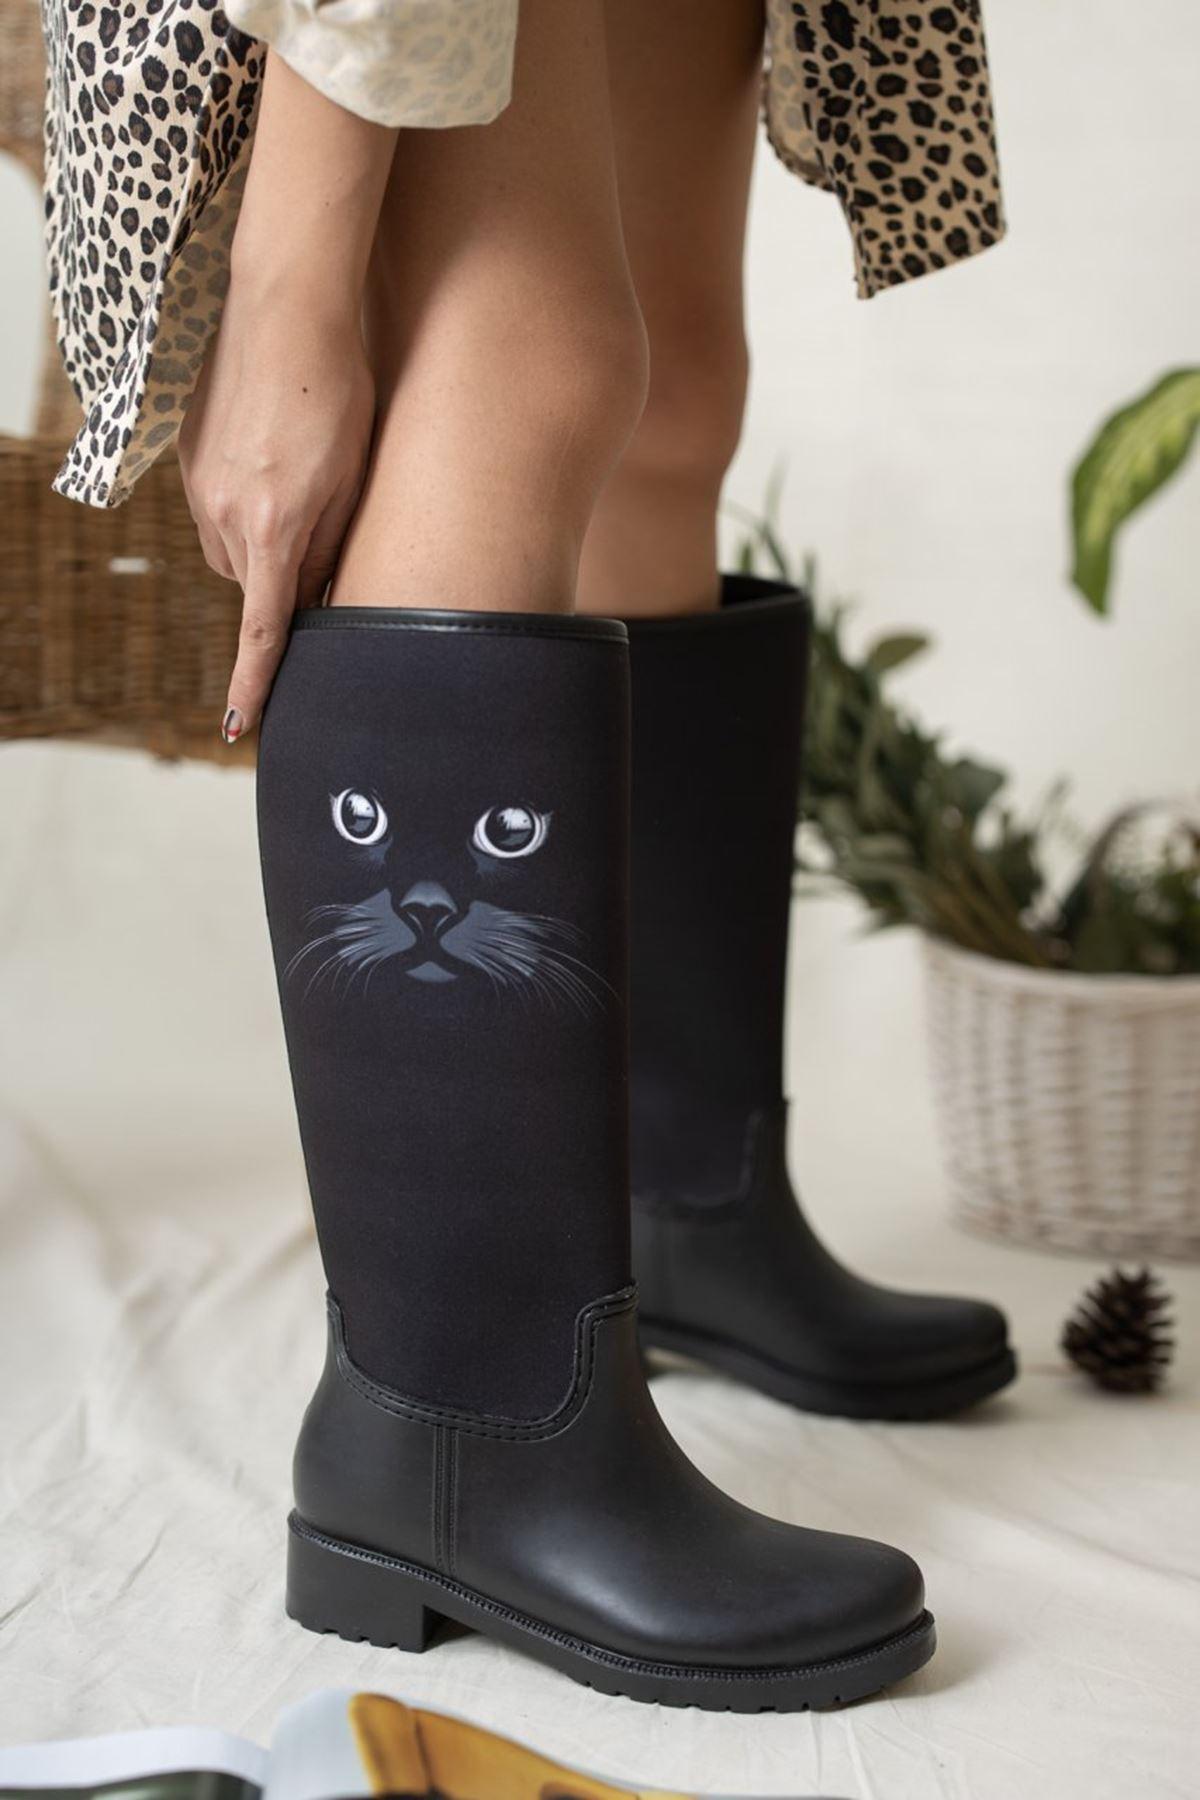 Kadın Cats Kedi Desen Yağmur Çizmesi